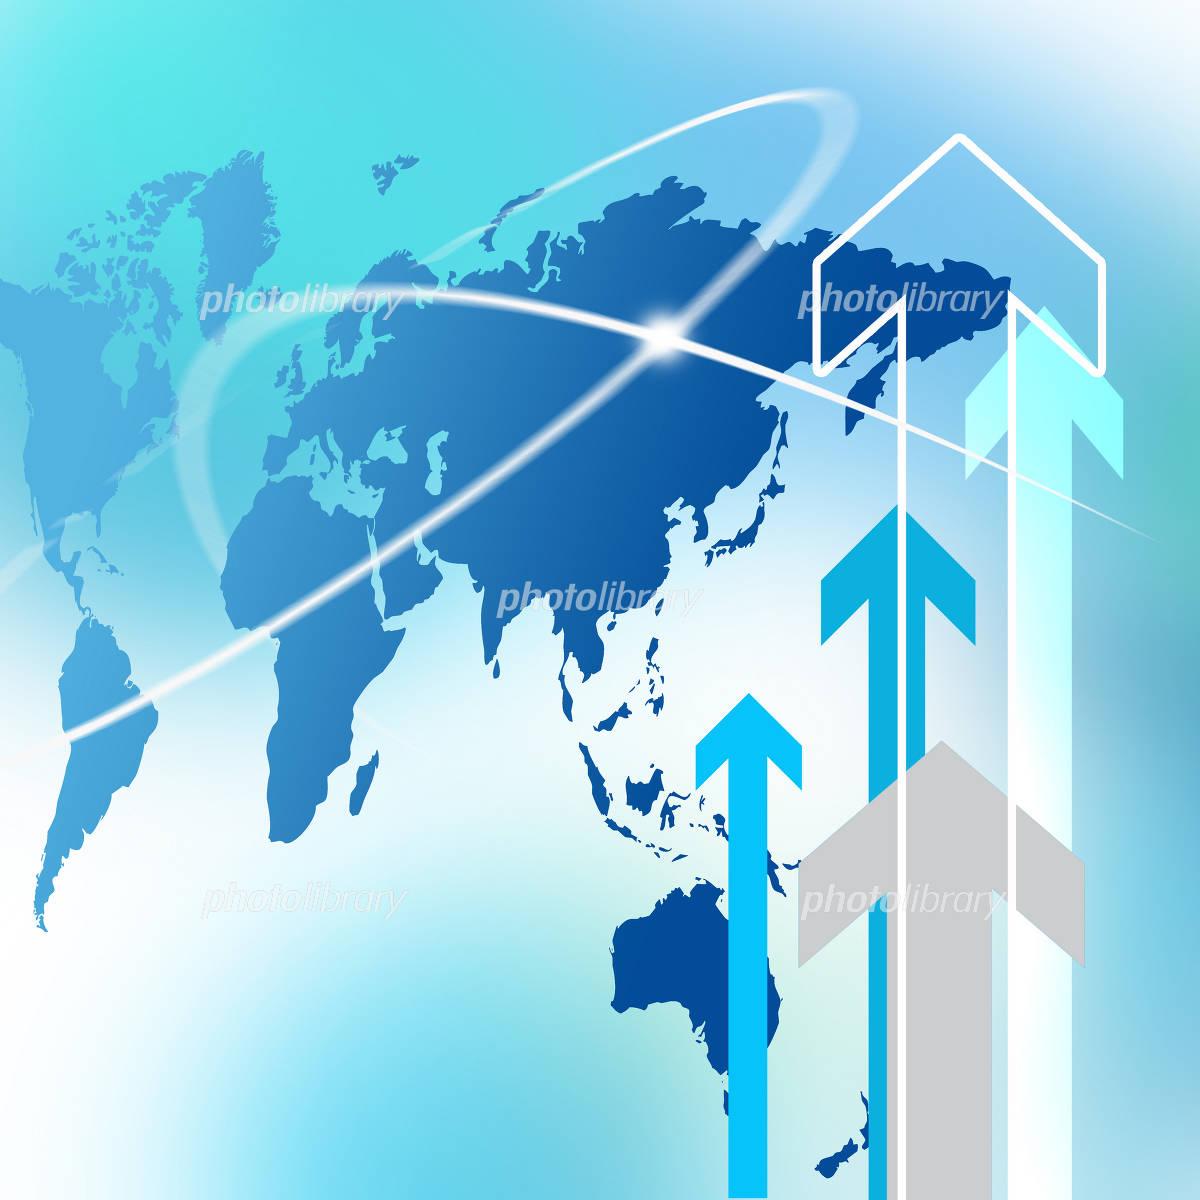 ビジネス発展-写真素材 ビジネス発展 画像ID 1067925  ビジネス発展